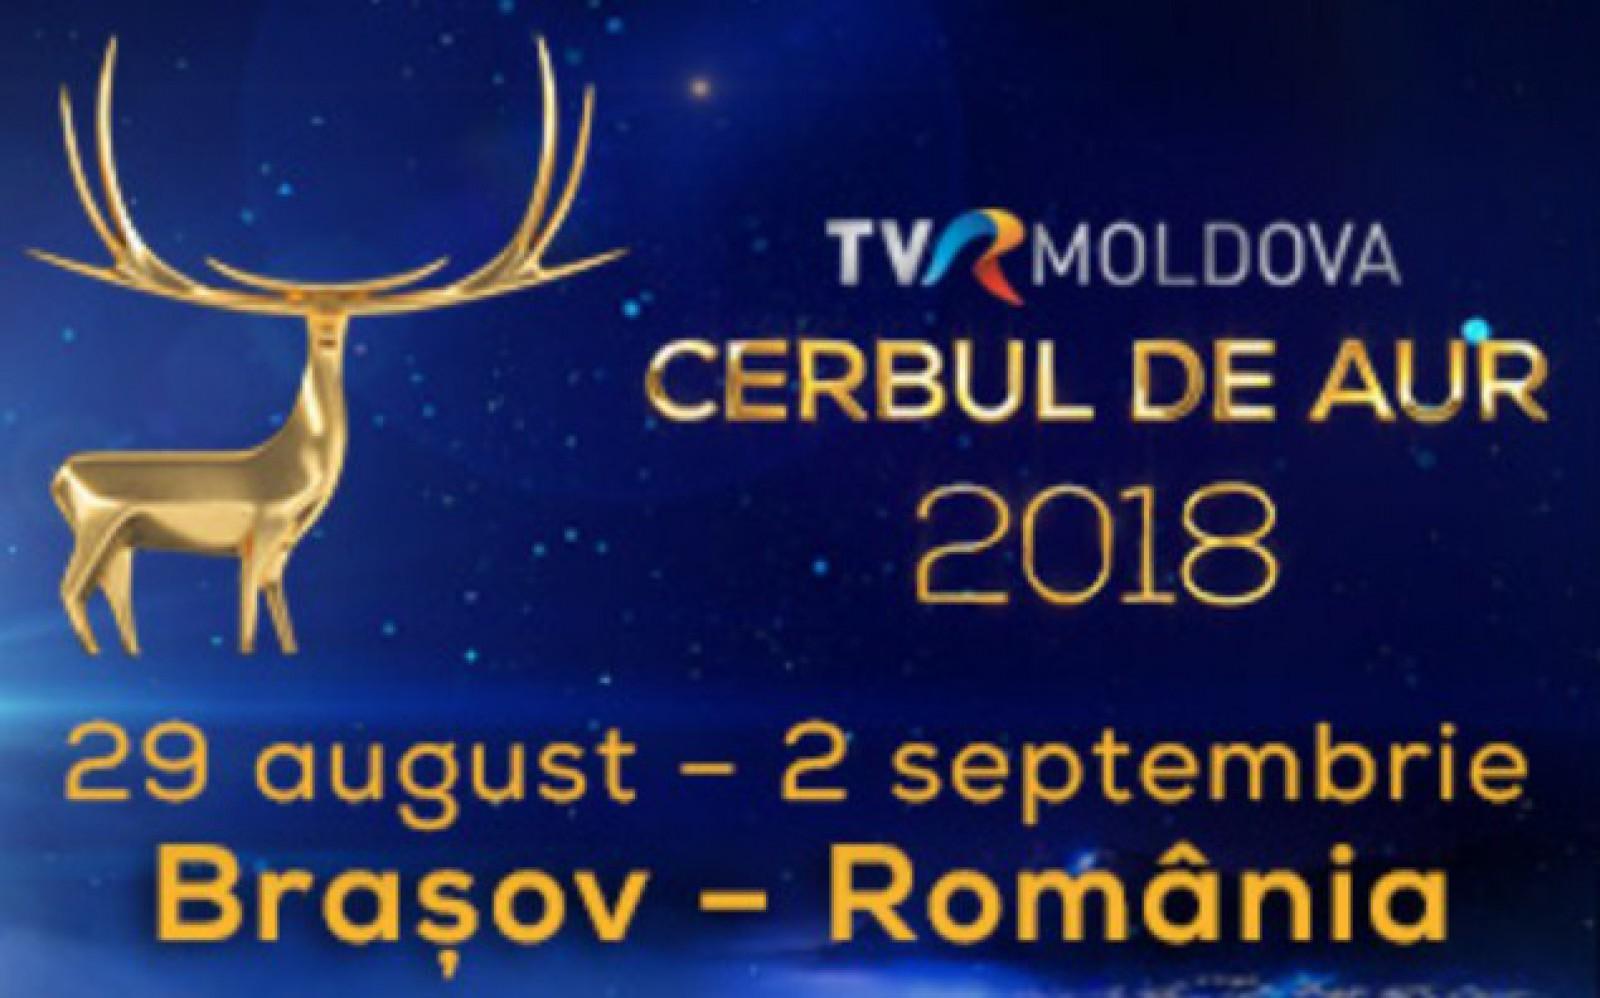 """""""Cerbul de Aur"""" revine în forţă anul acesta, 29 august - 2 septembrie, la Braşov"""